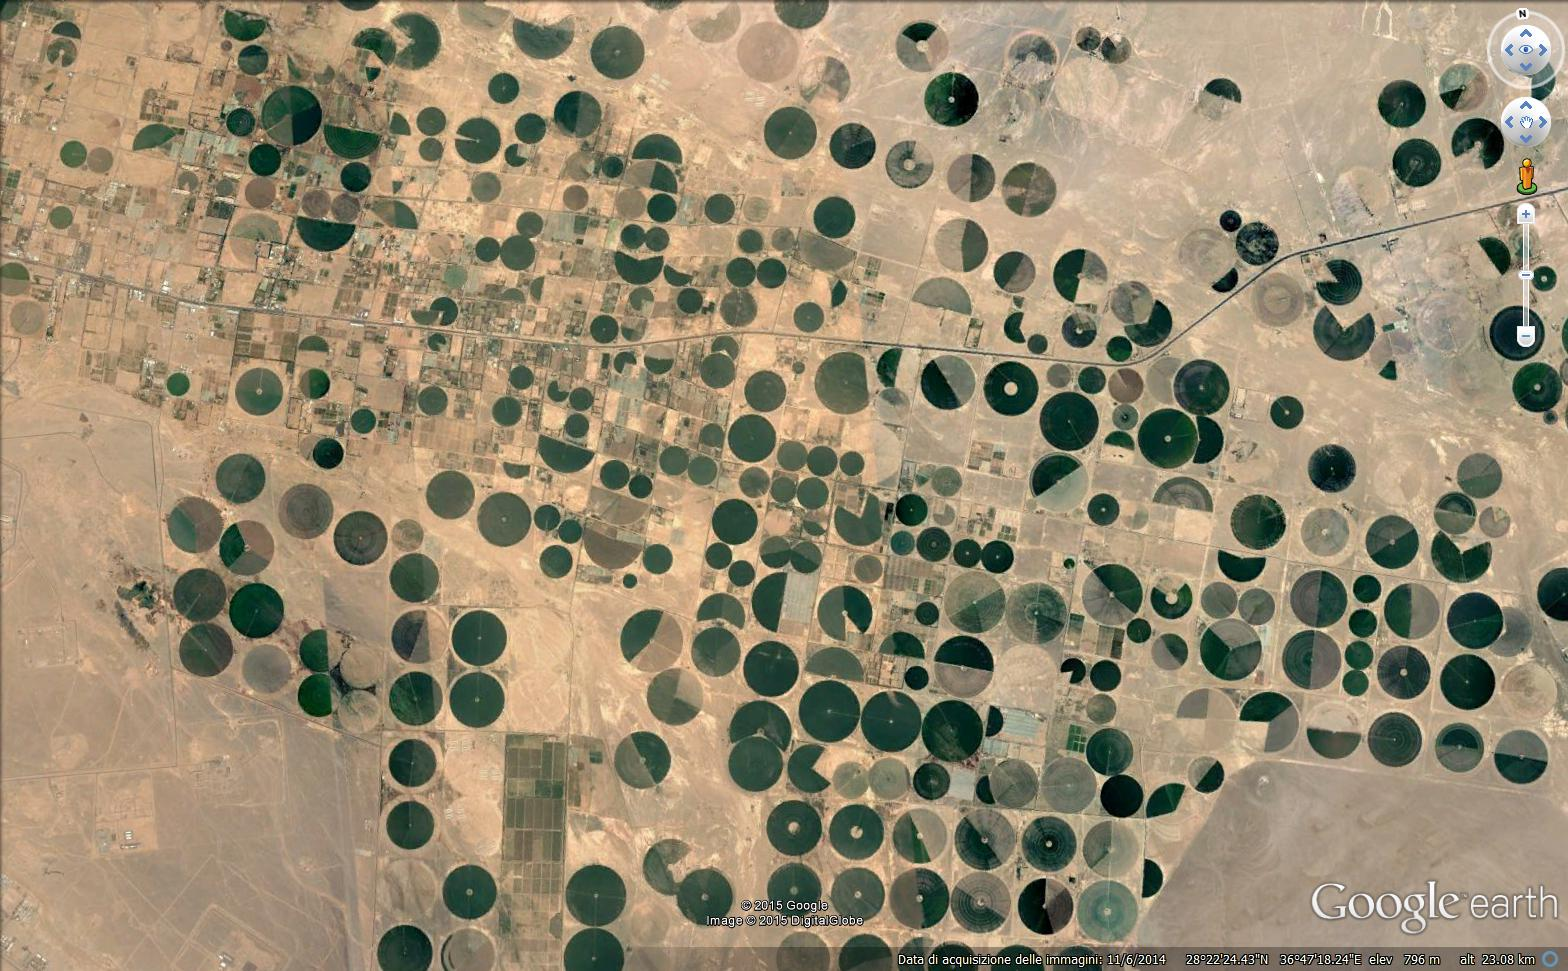 Pivot per l'irrigazione a Tabuk, nel deserto dell'Arabia Saudita